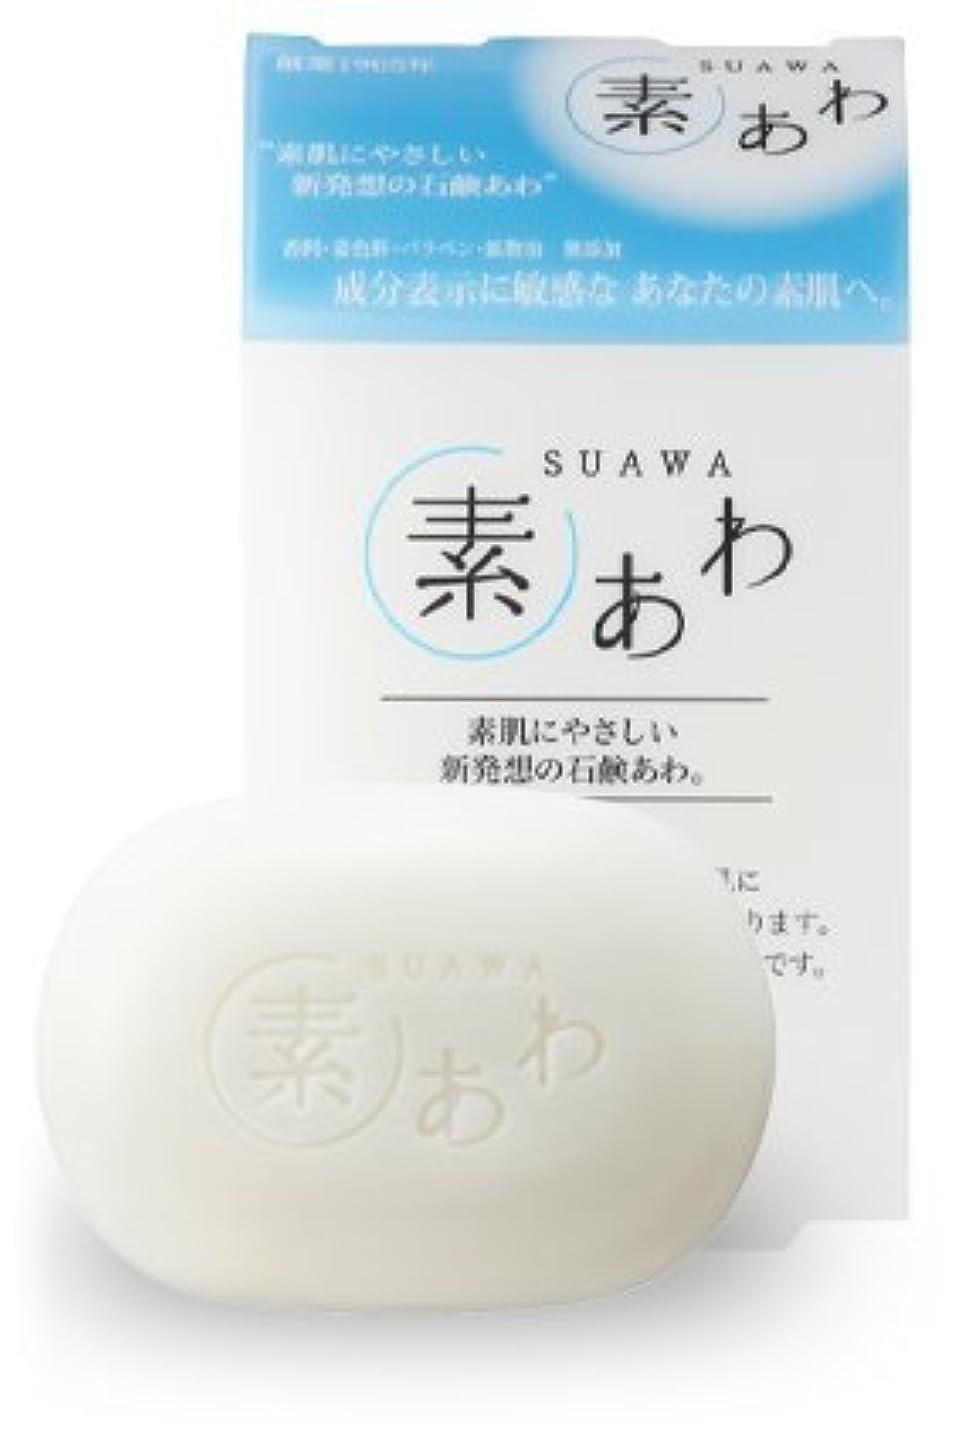 安定しましたアンソロジー伝記薬用 素あわ 洗顔 全身用 石鹸 80g 乾 燥 肌 ? 敏 感 肌 に